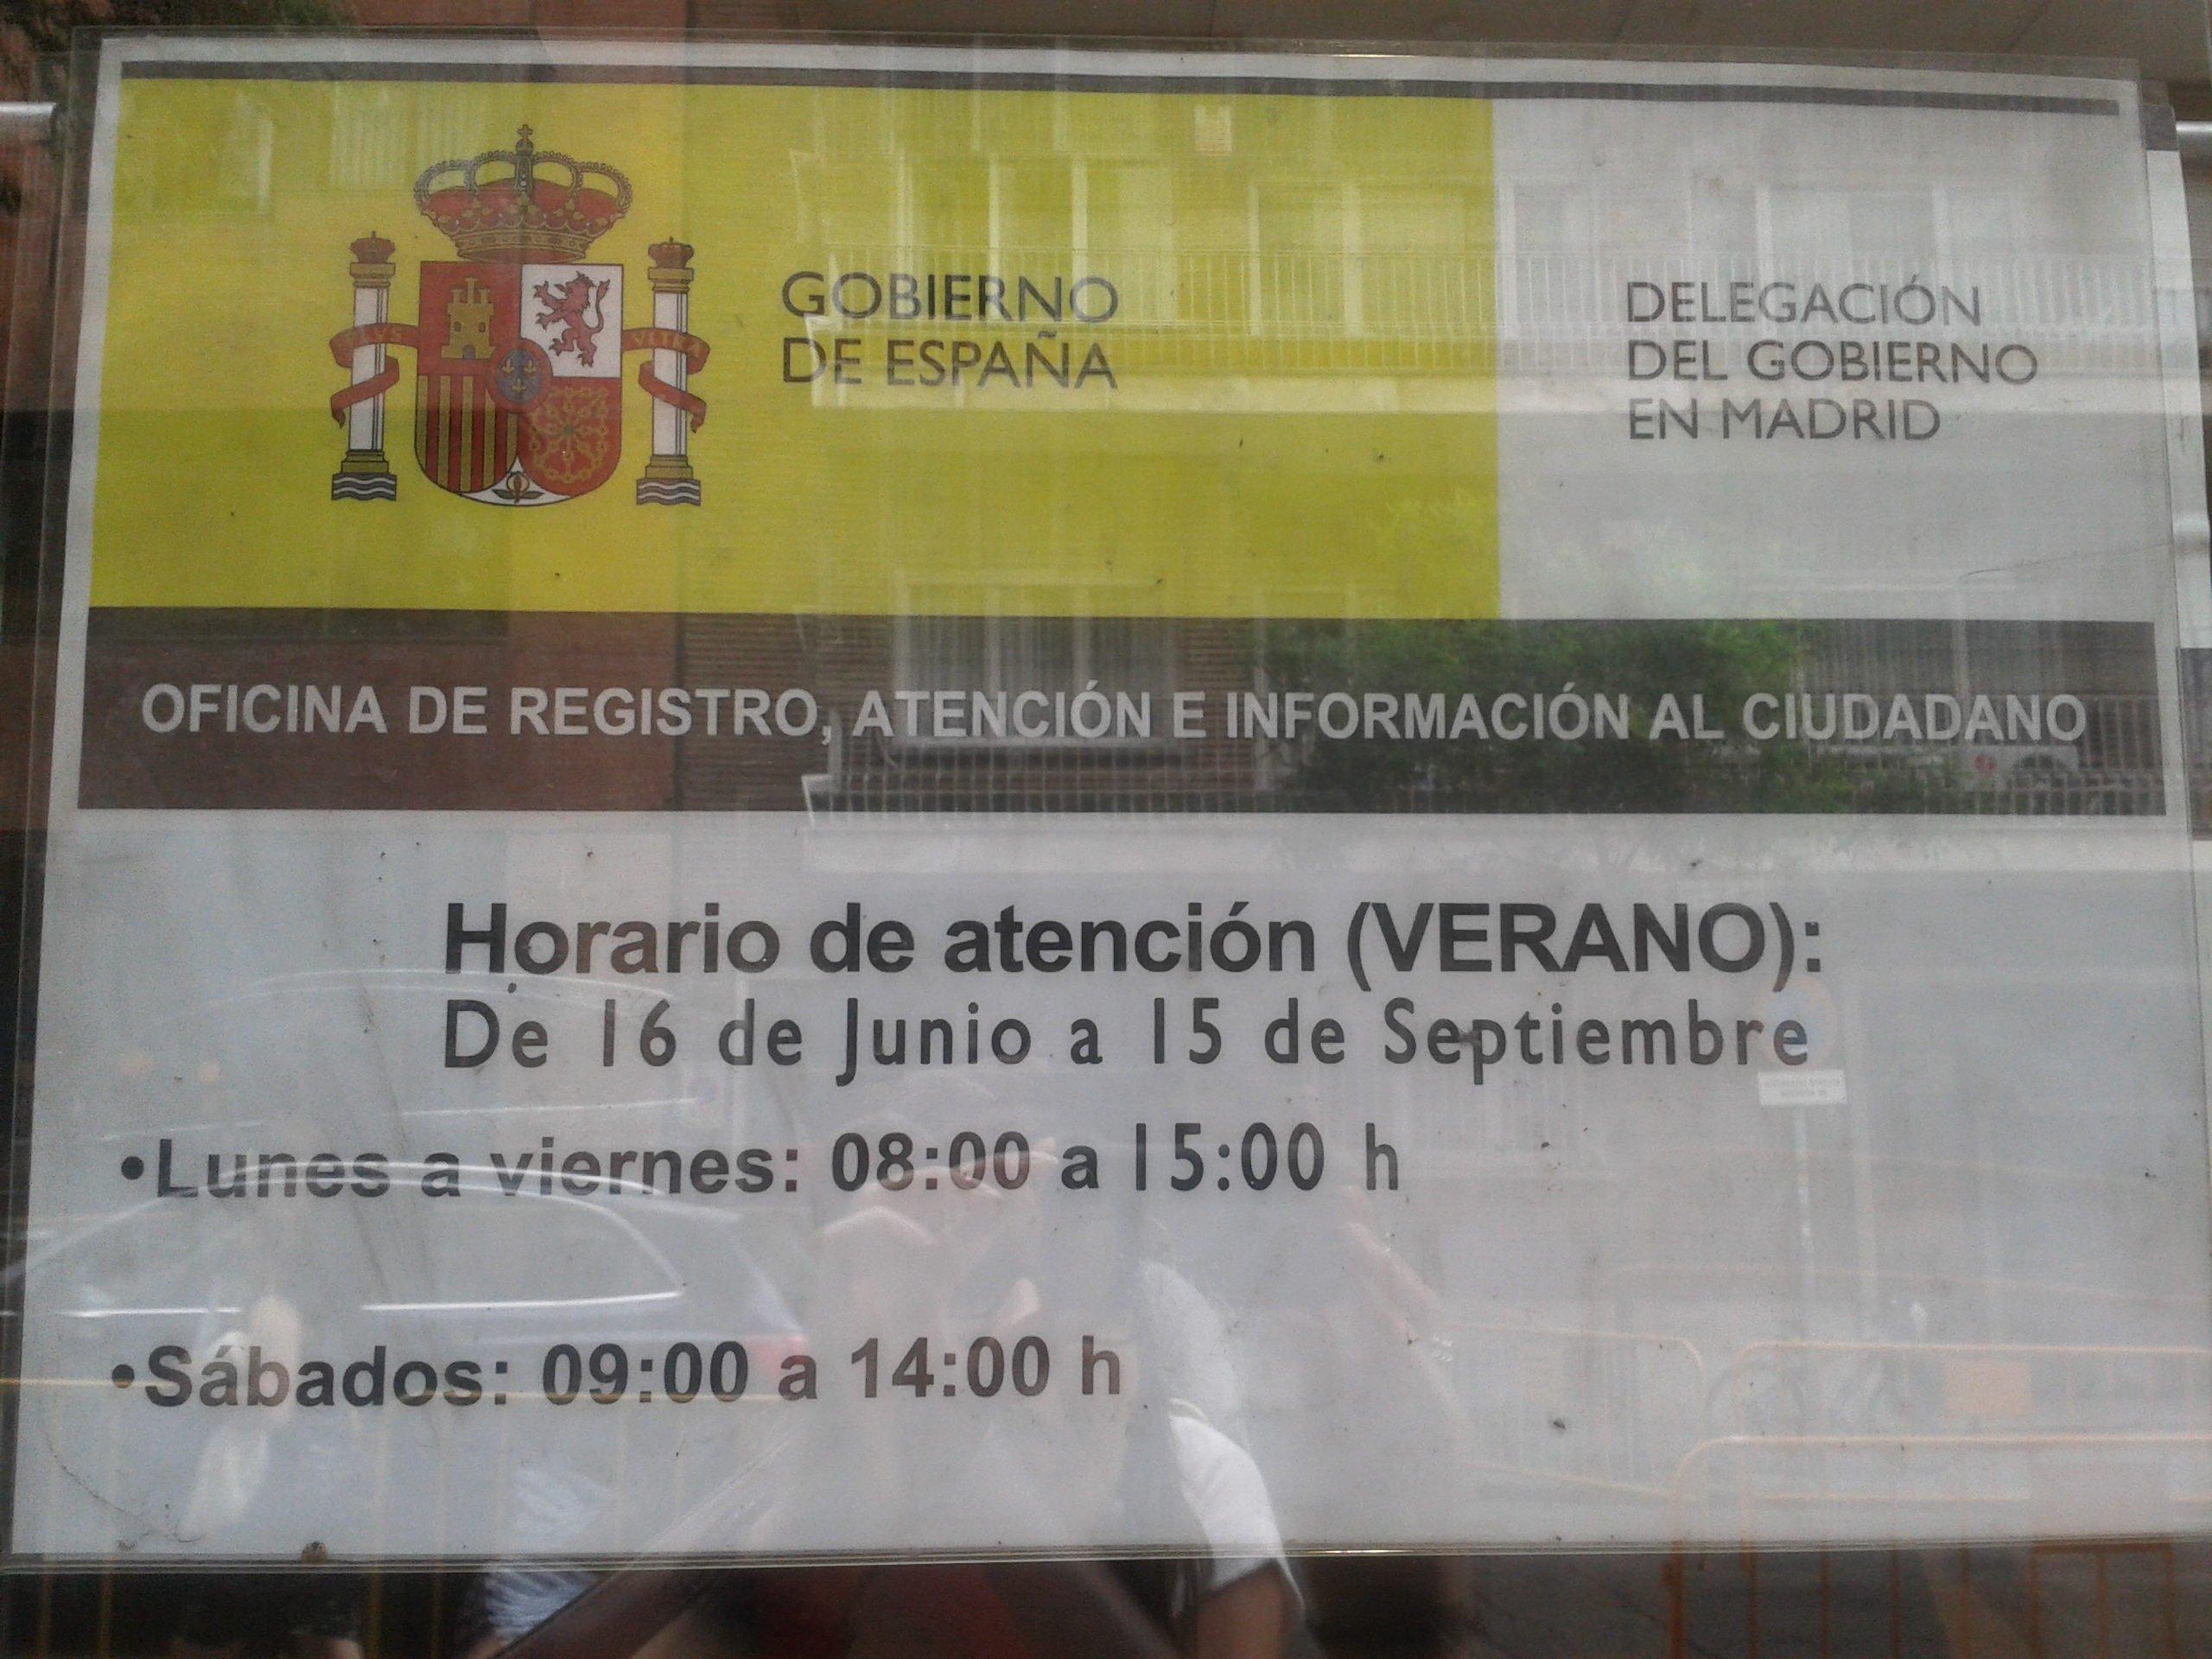 Horario verano registro delegaci n del gobierno blog for Horario oficinas bankinter madrid